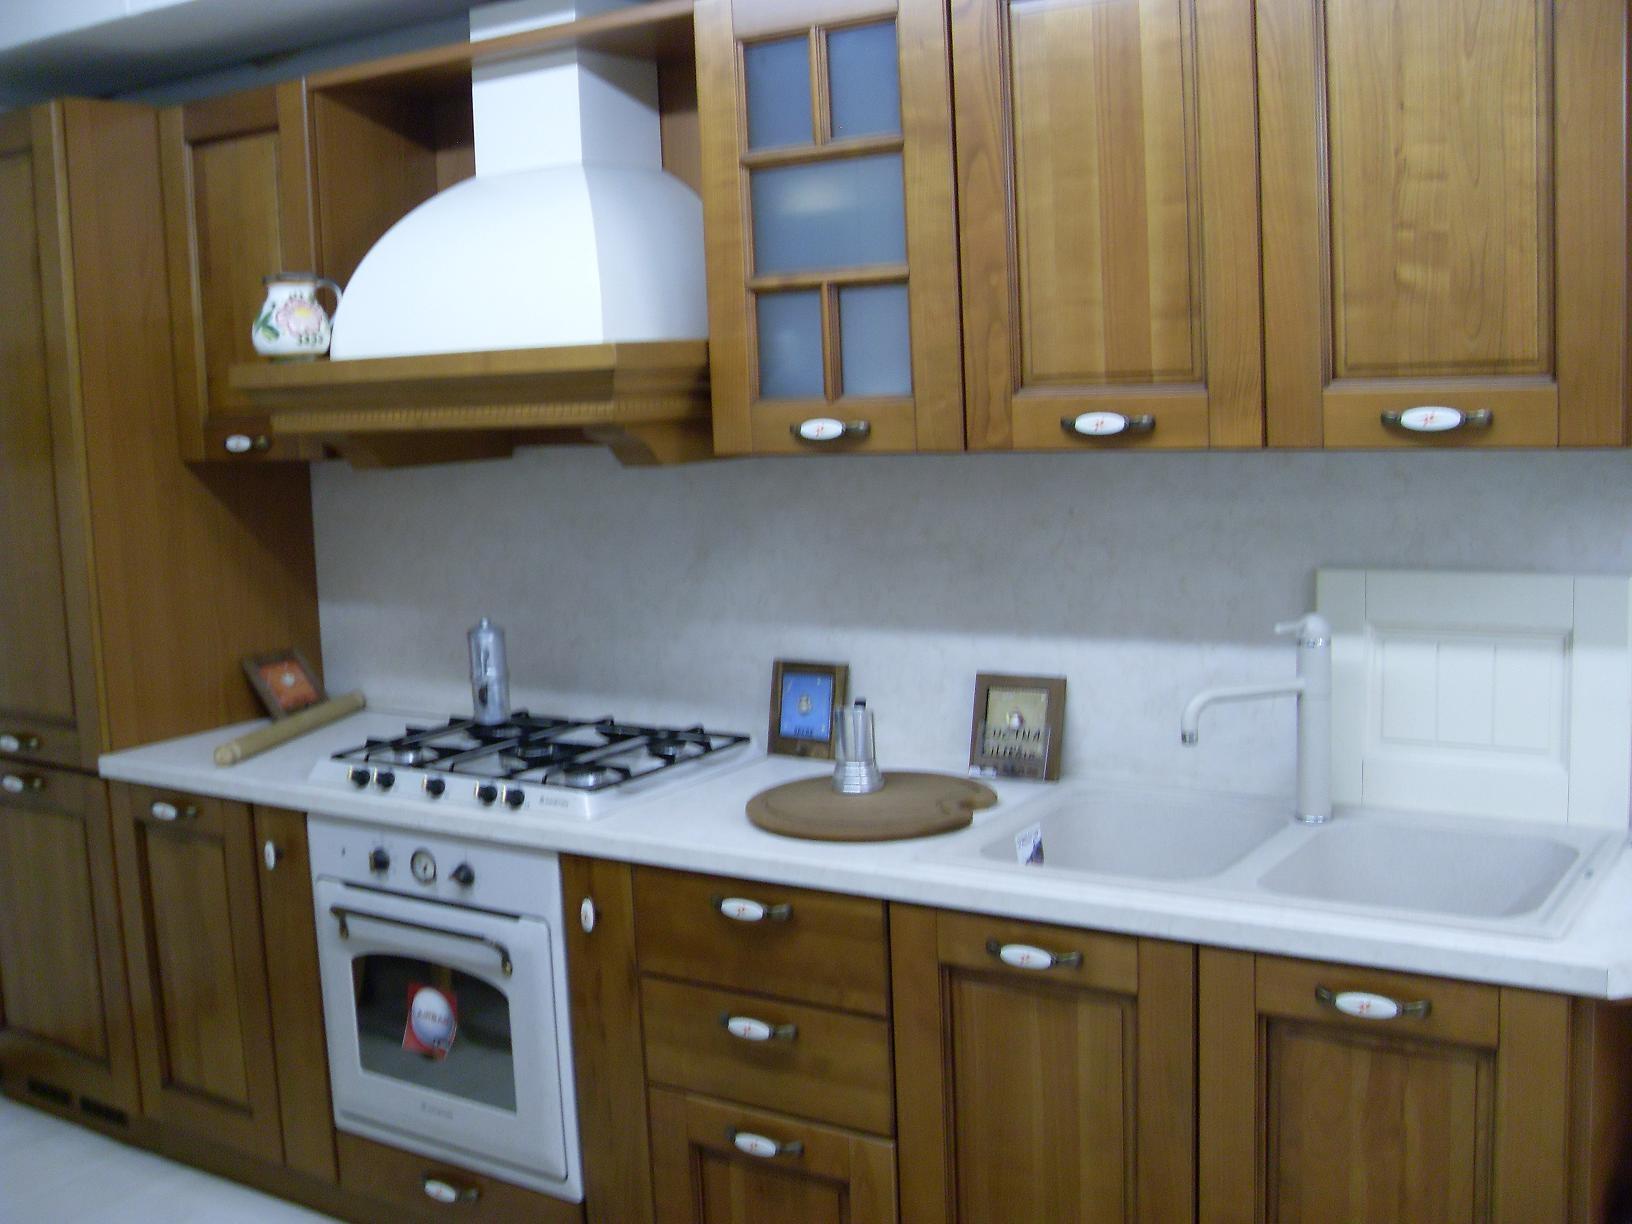 Cucina arredo3 virginia classica legno ciliegio cucine a - Arredo cucina classica ...